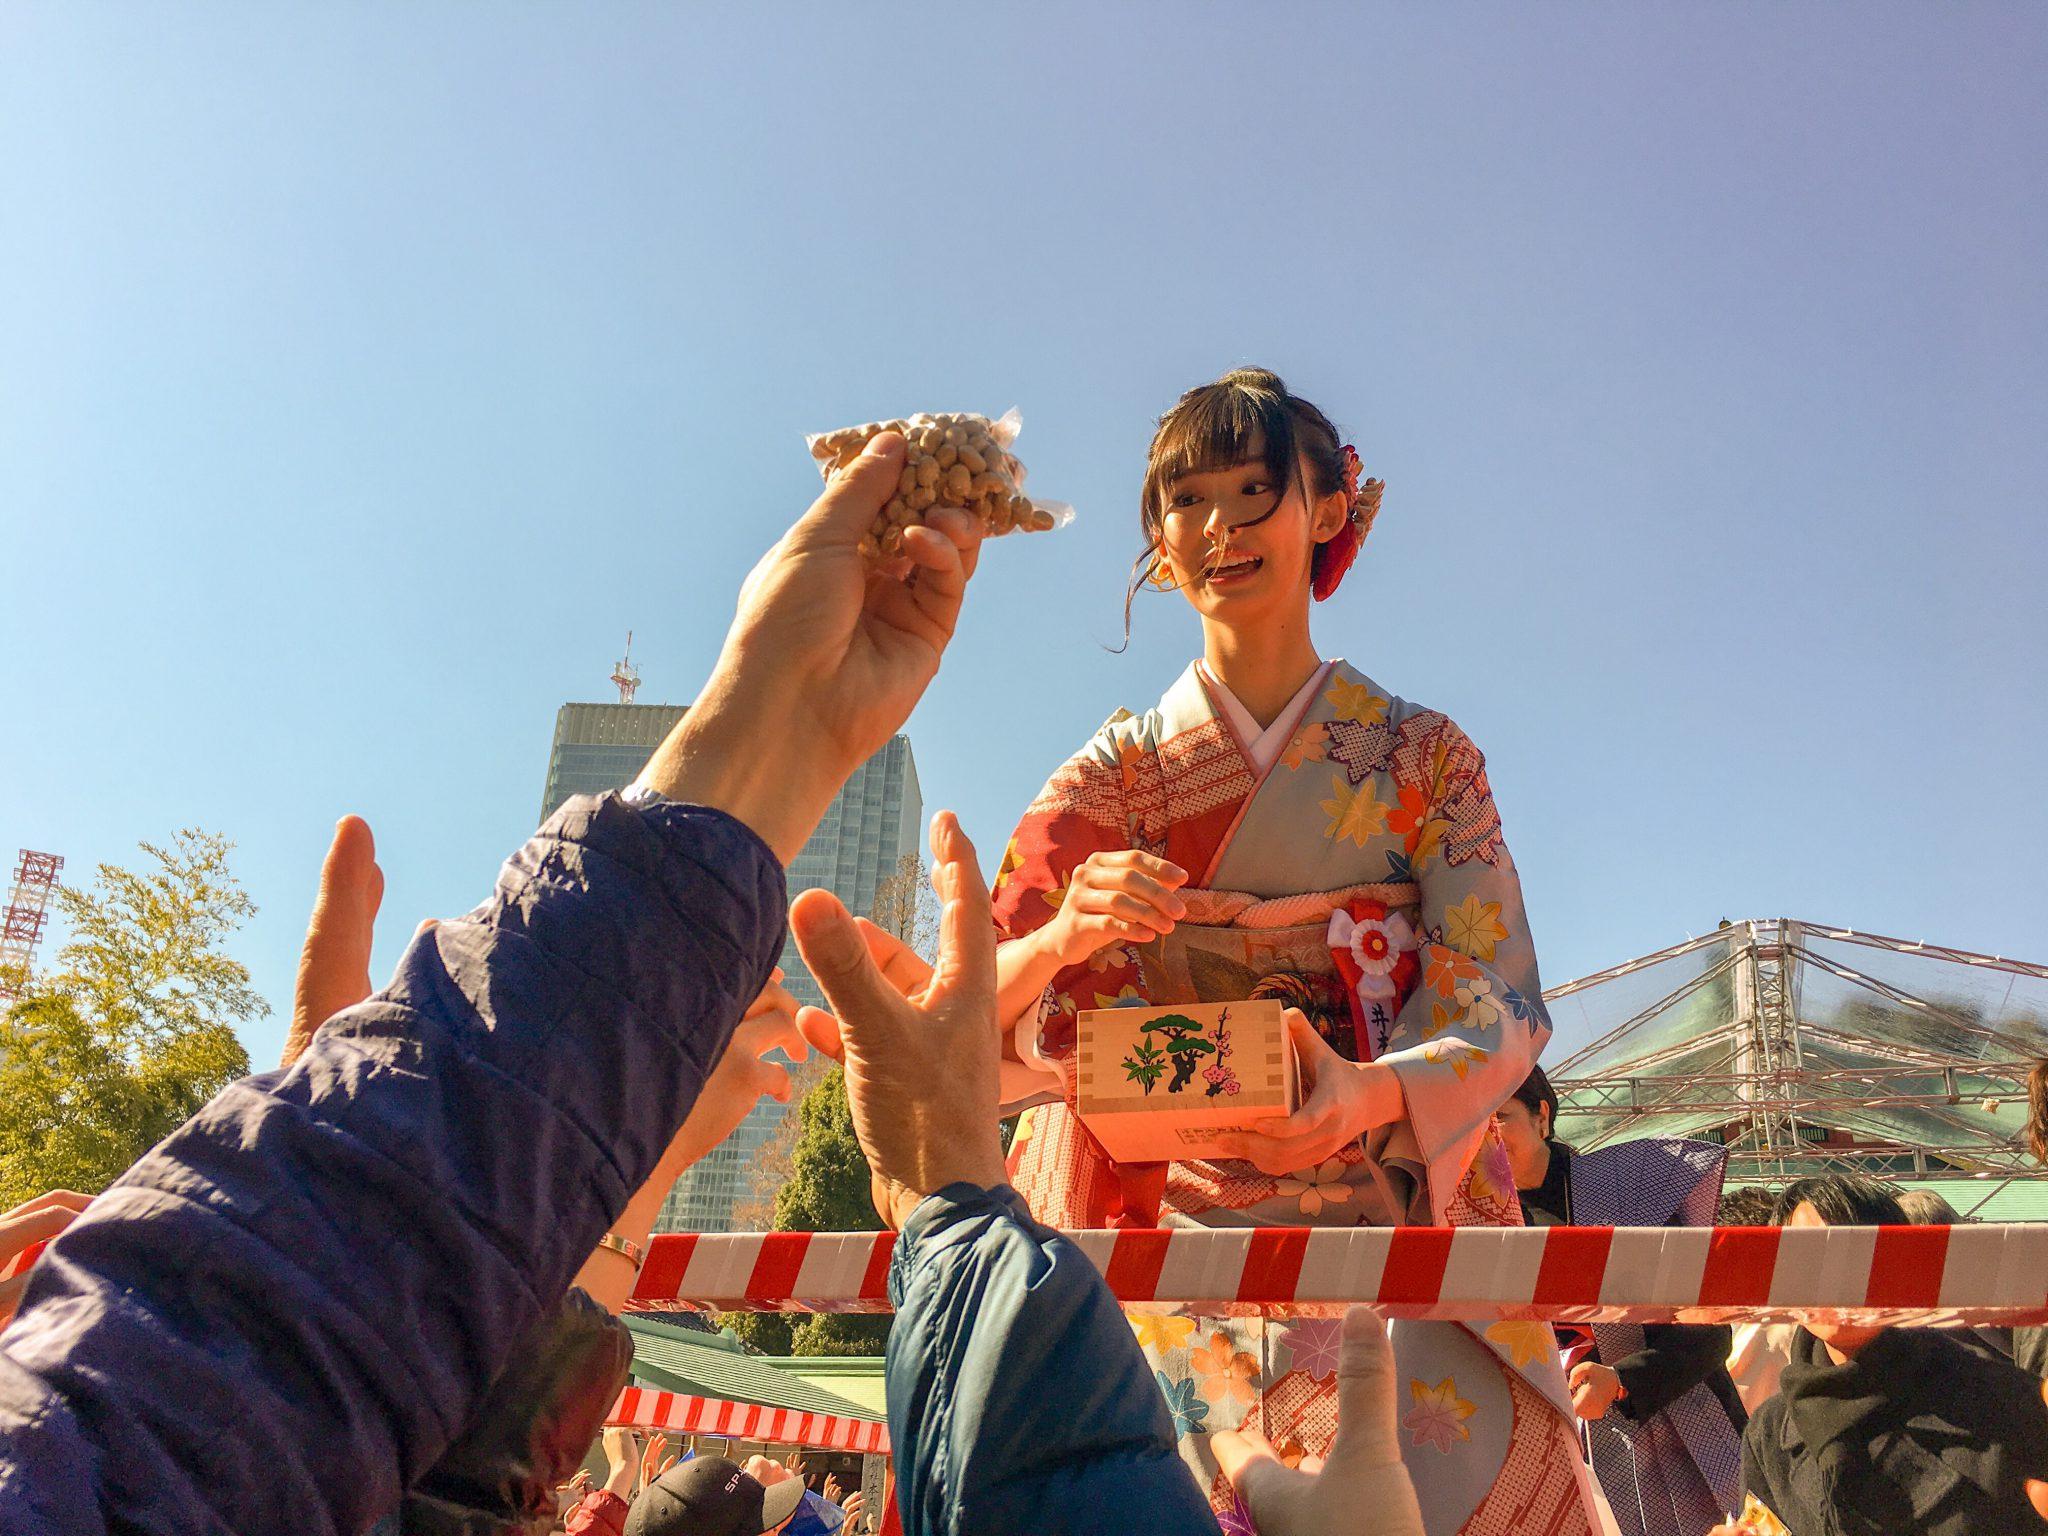 Setsubun 2019 at Sanno Hie Jinja in Akasaka, Tokyo